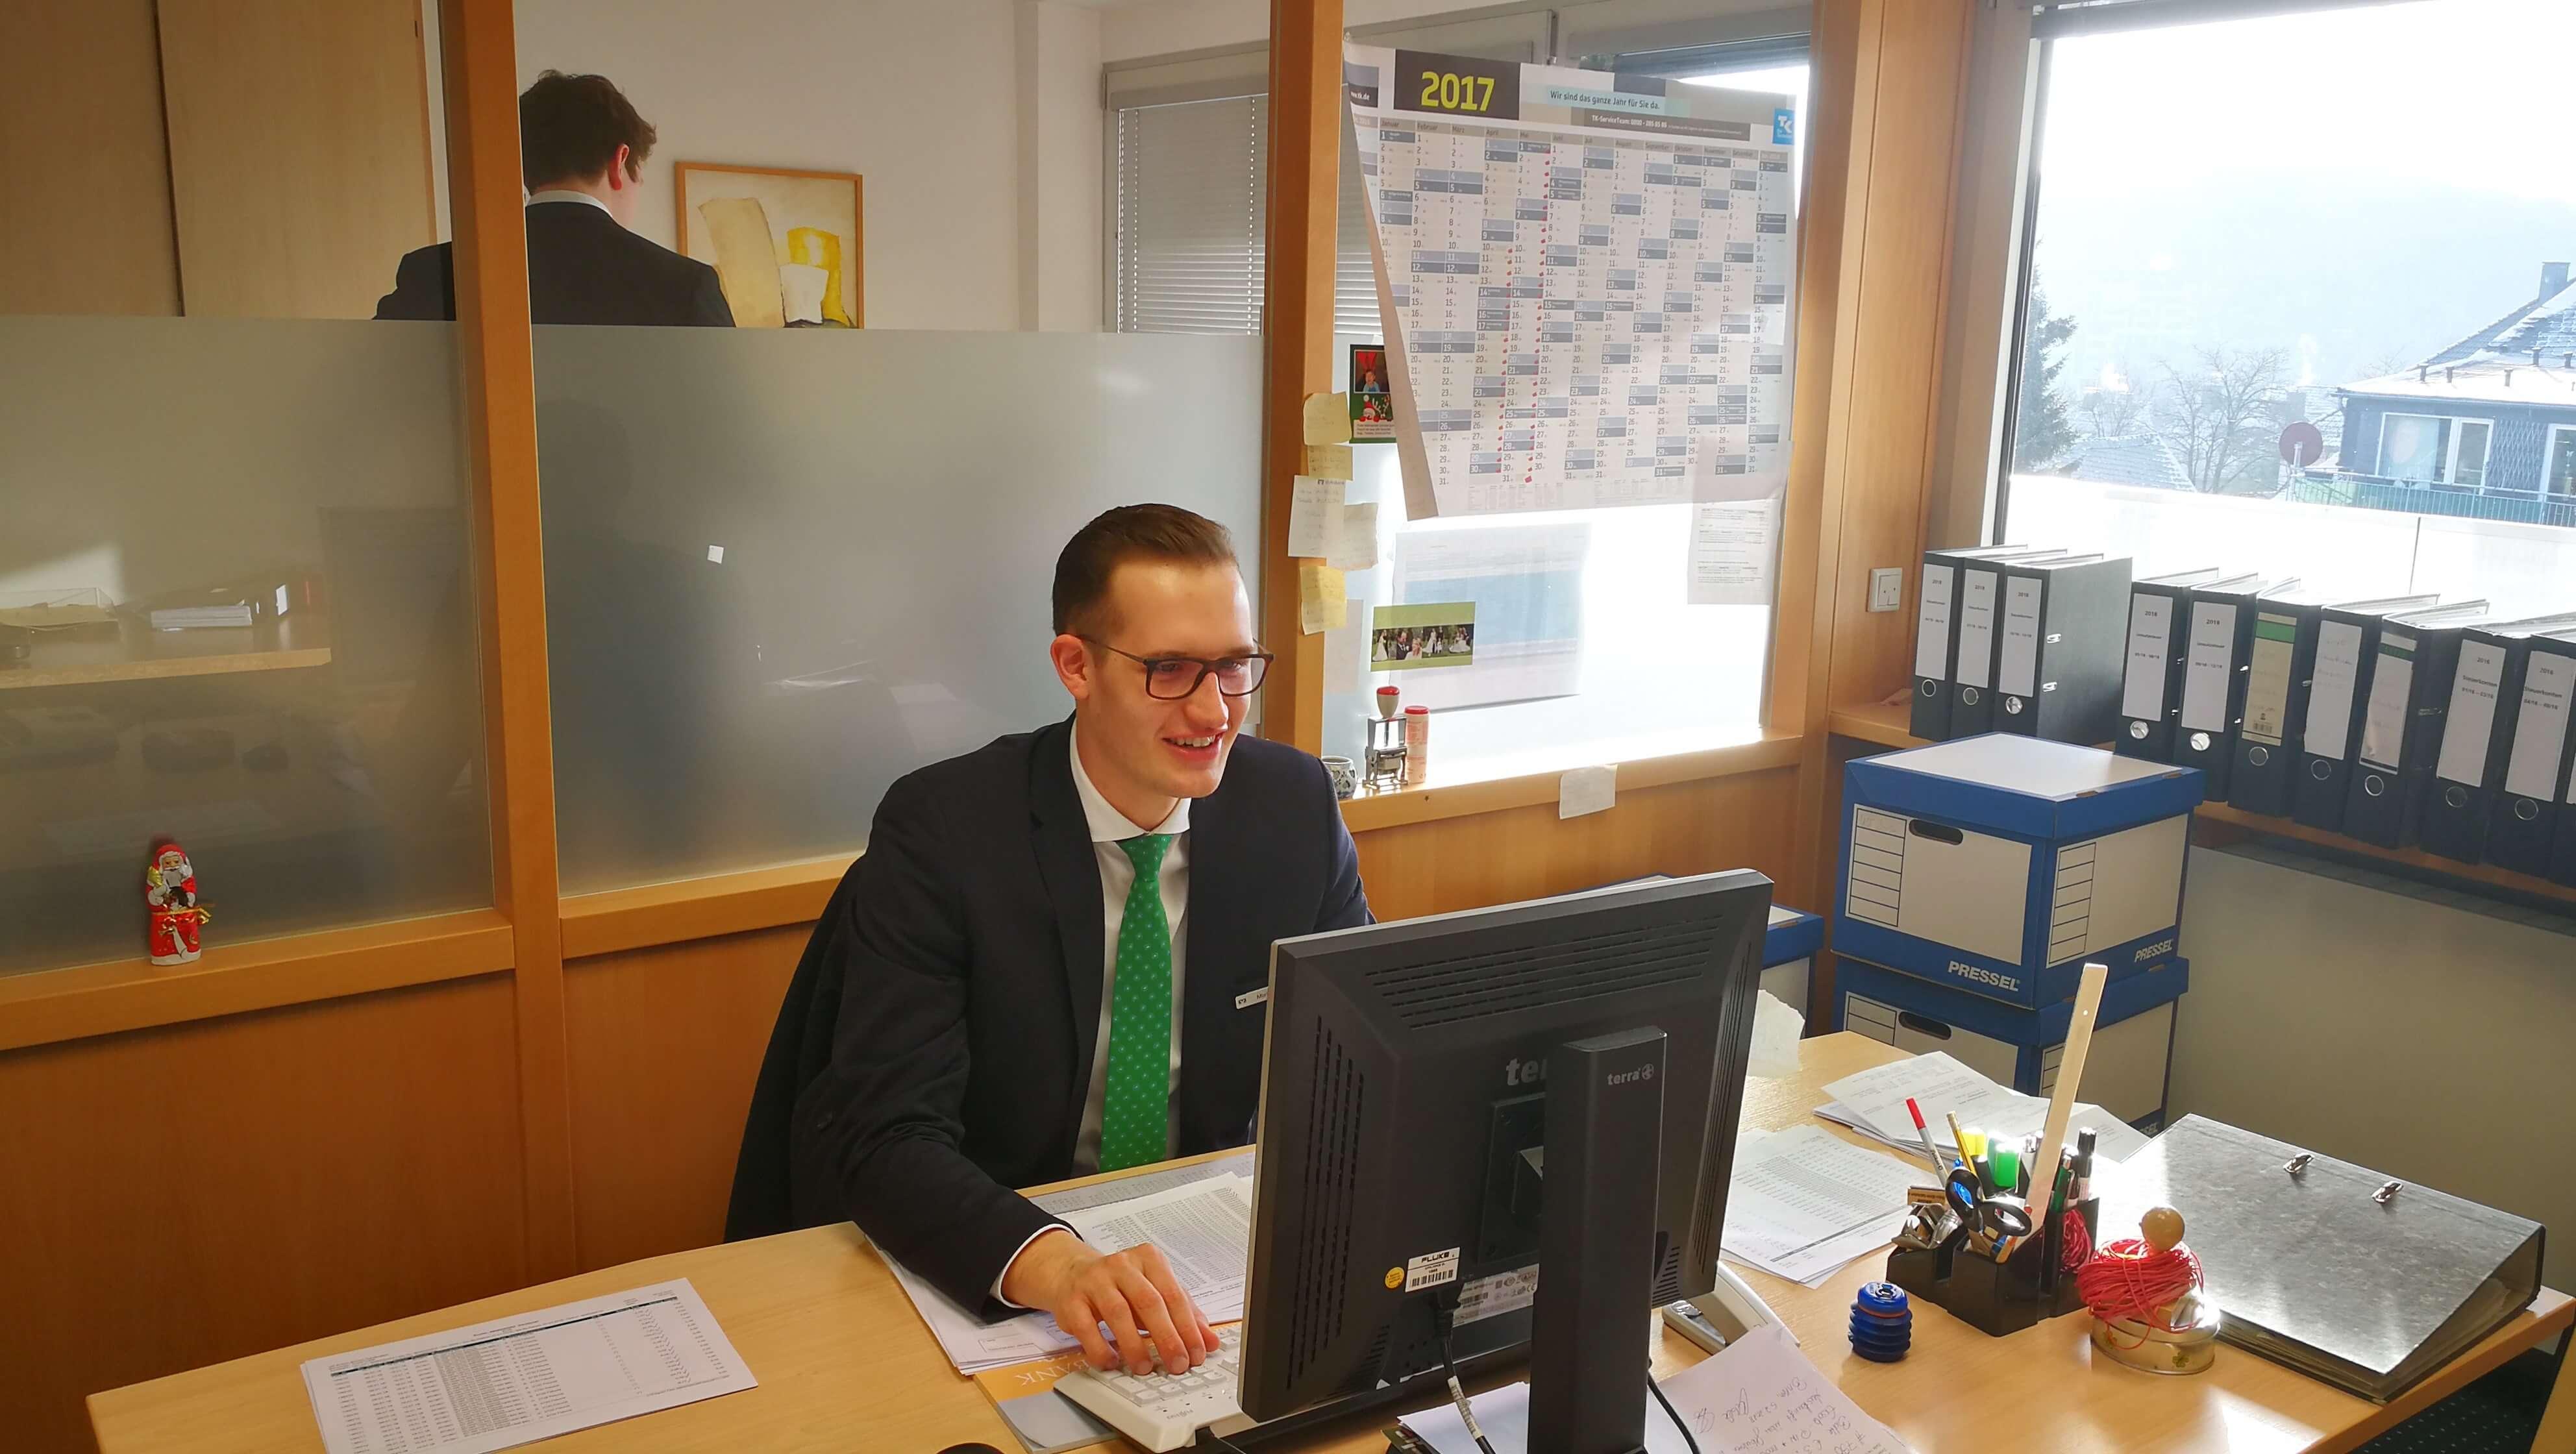 Moritz an seinem Arbeitsplatz im Rechnungswesen.